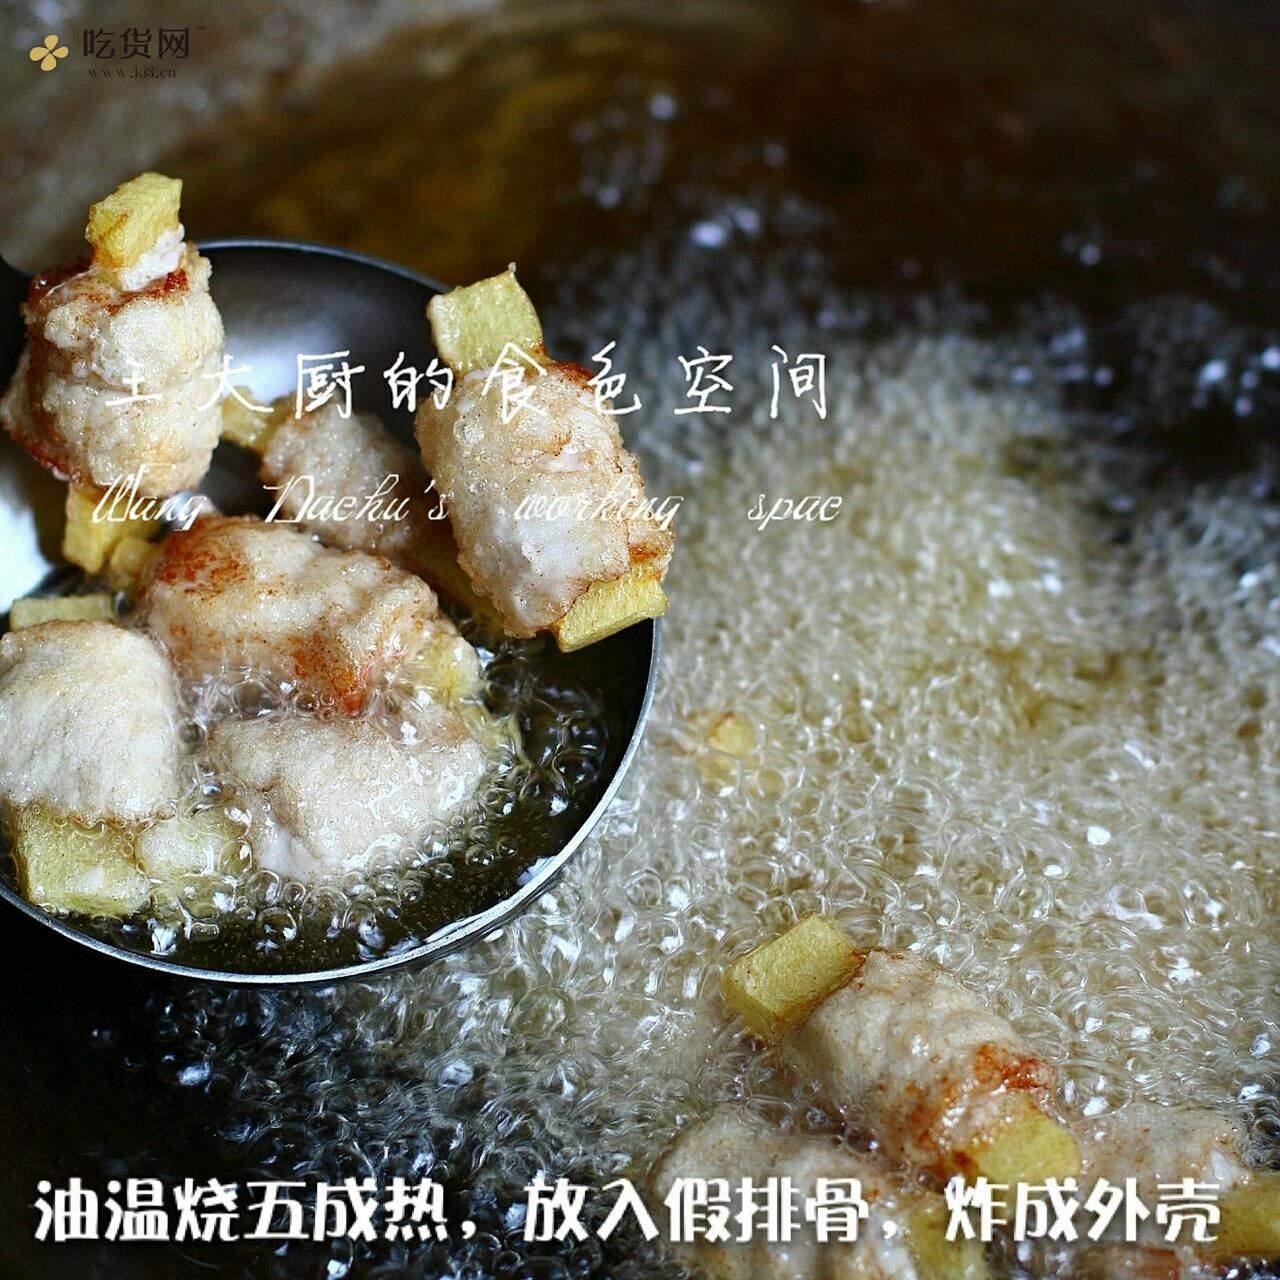 伪糖醋排骨(土豆里脊肉)的做法 步骤4